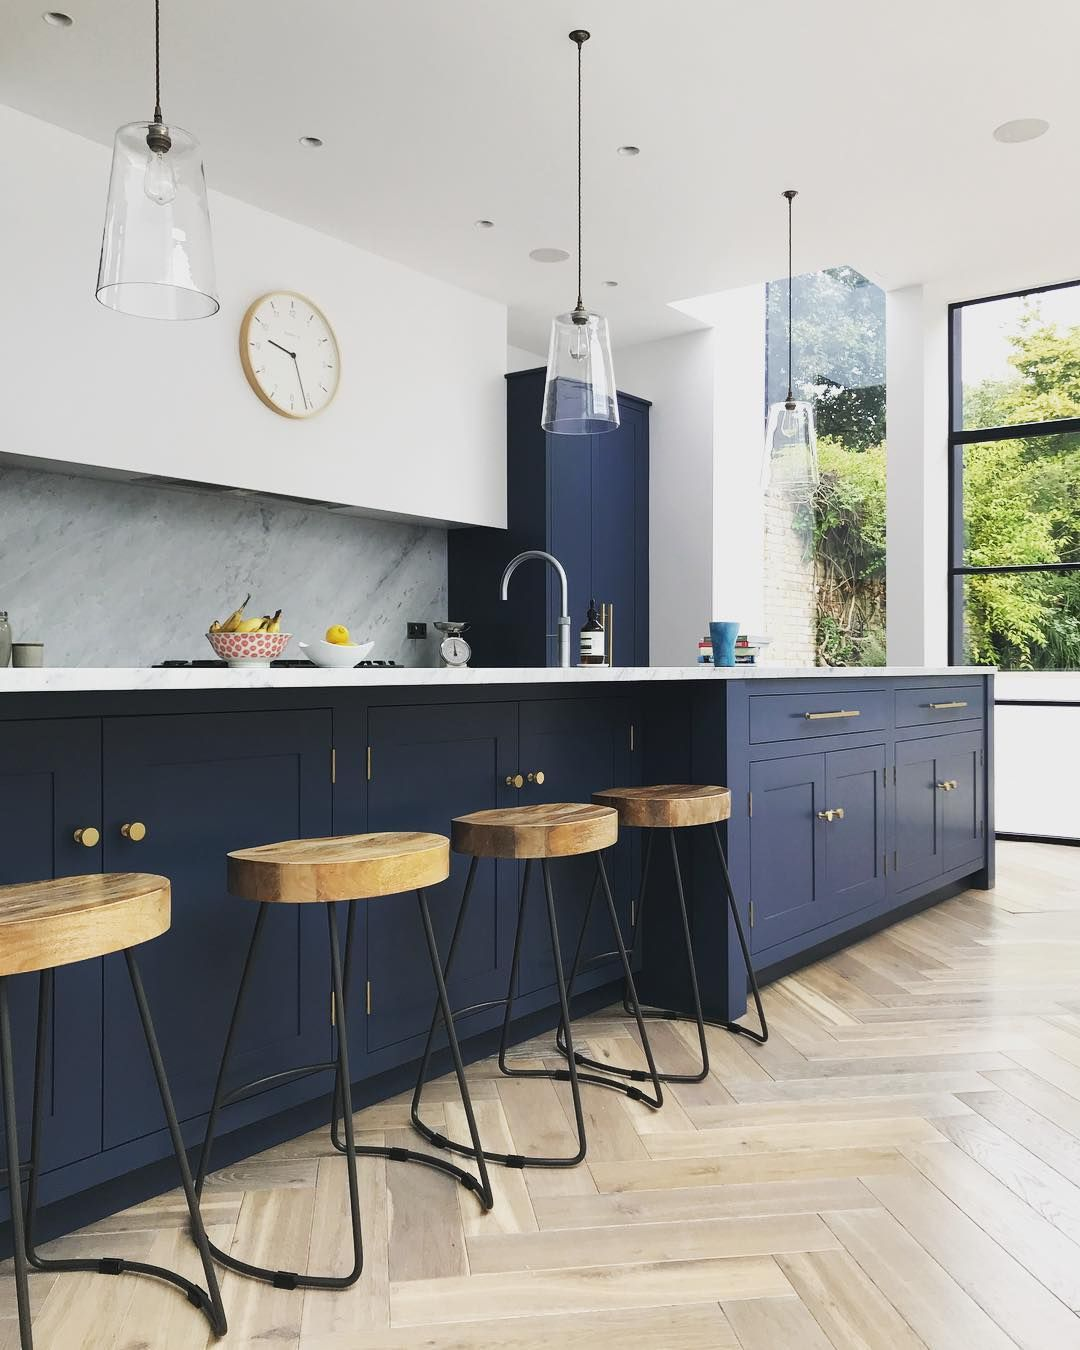 Navy Marble And Brass Kitchen Decor Kitchen Decor Kitchen Remodel Layout Kitchen Remodel